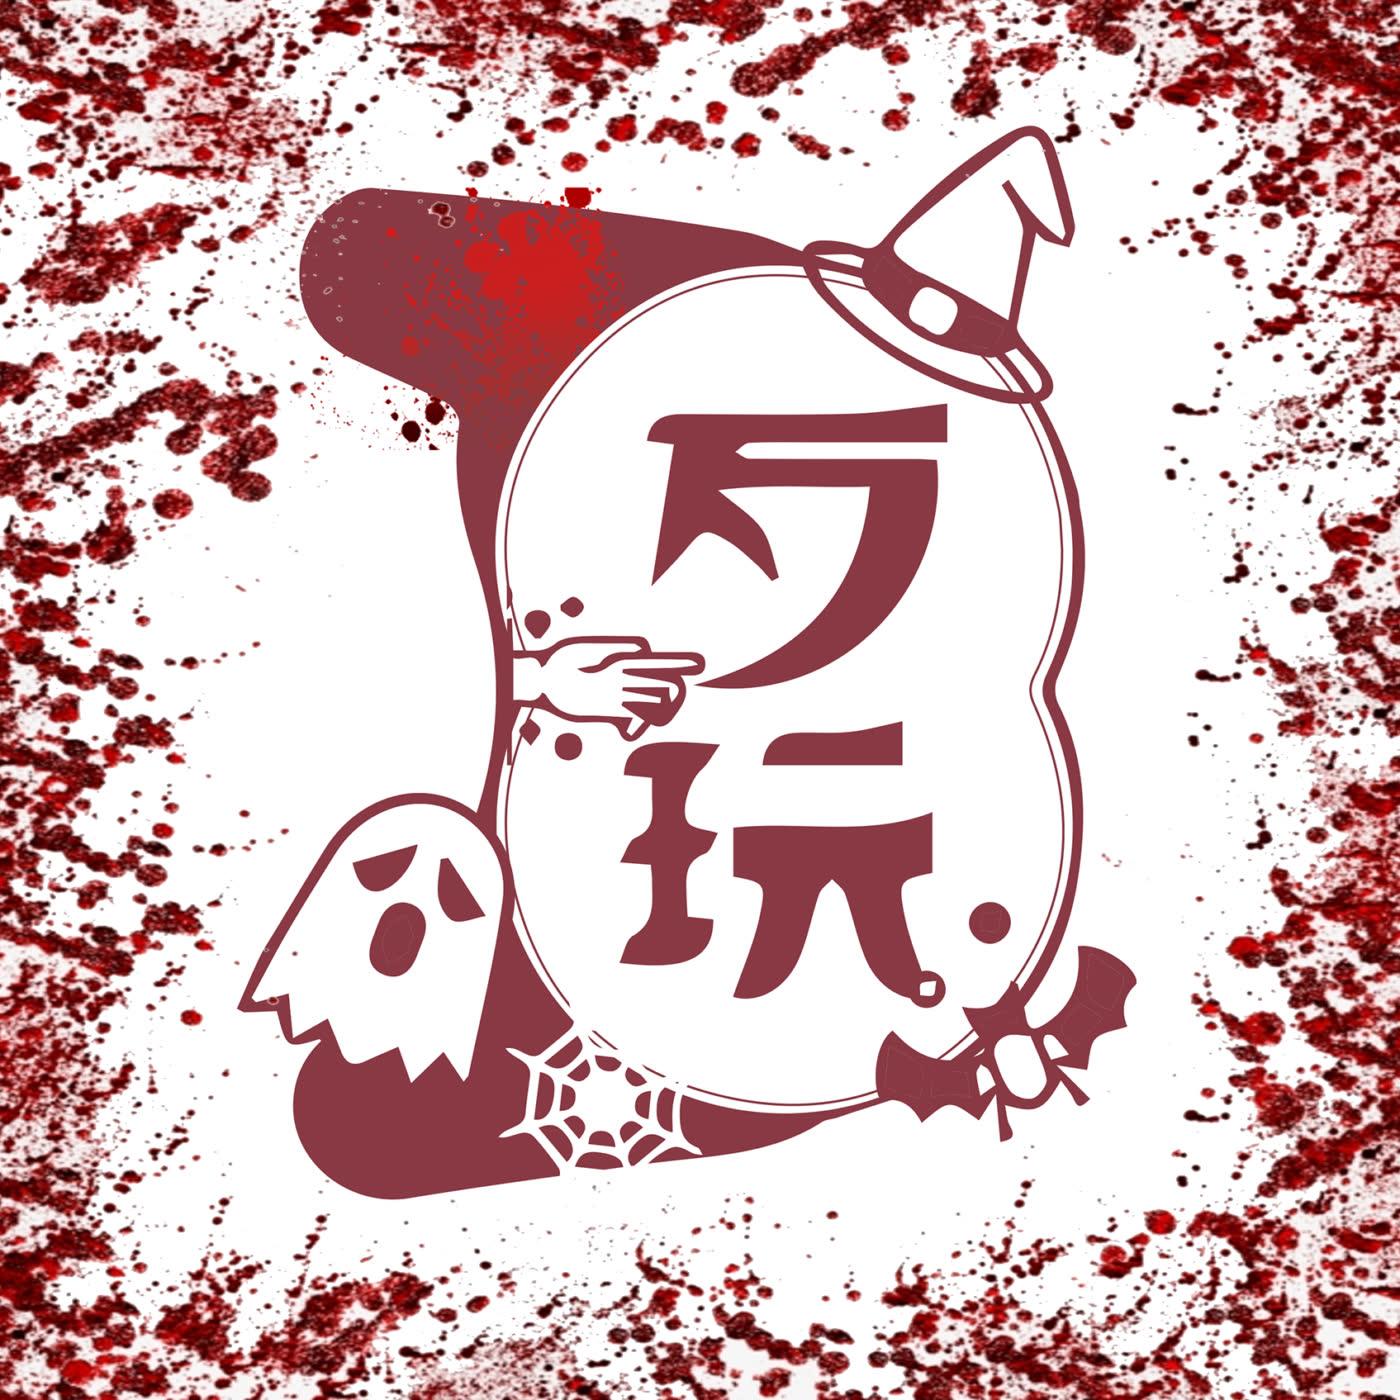 【歹玩鬼故事】一則日本怪談-EP10